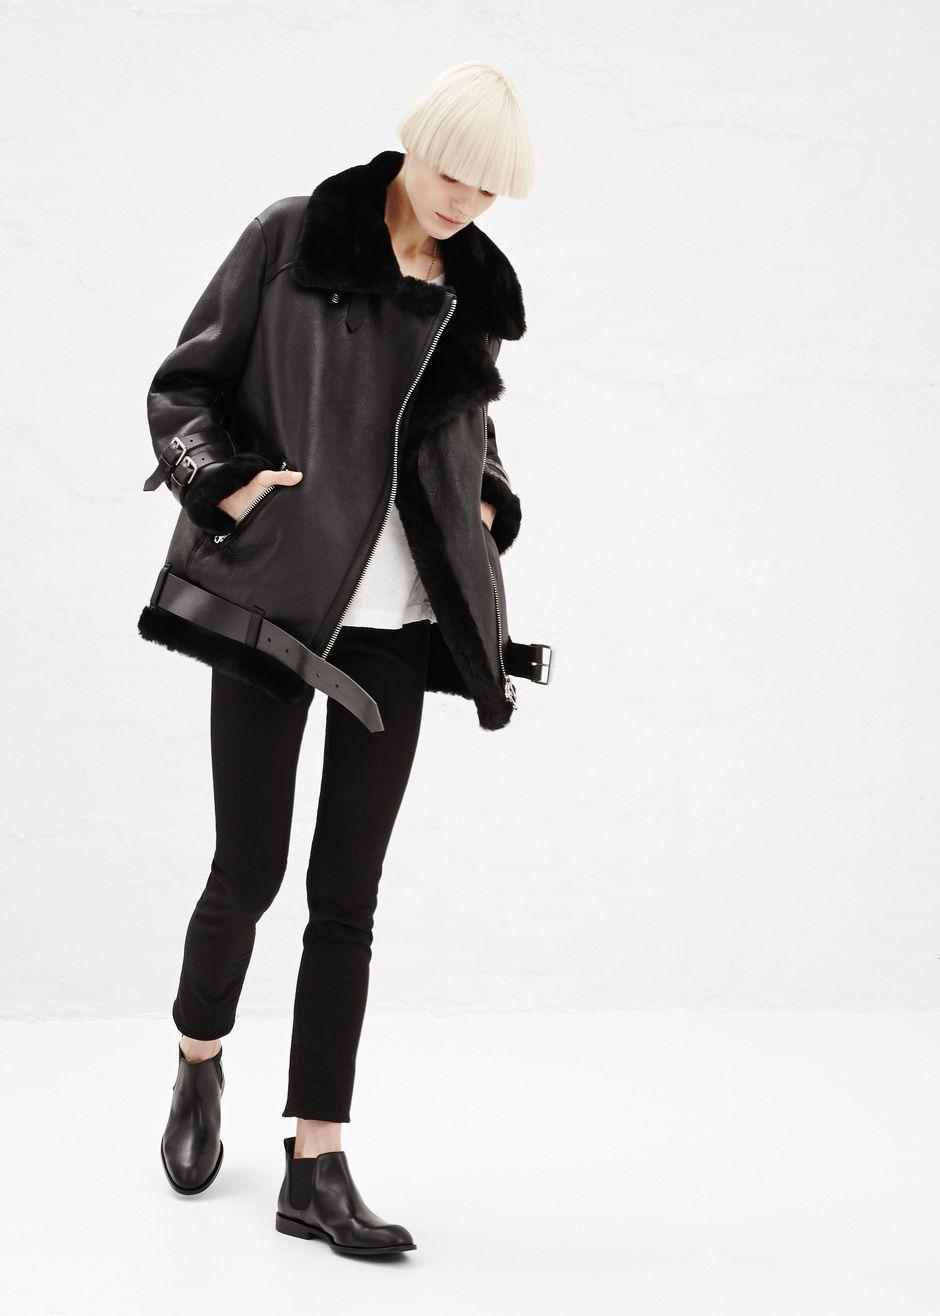 e6065e78a948c Acne Studios Velocite Jacket (Black)